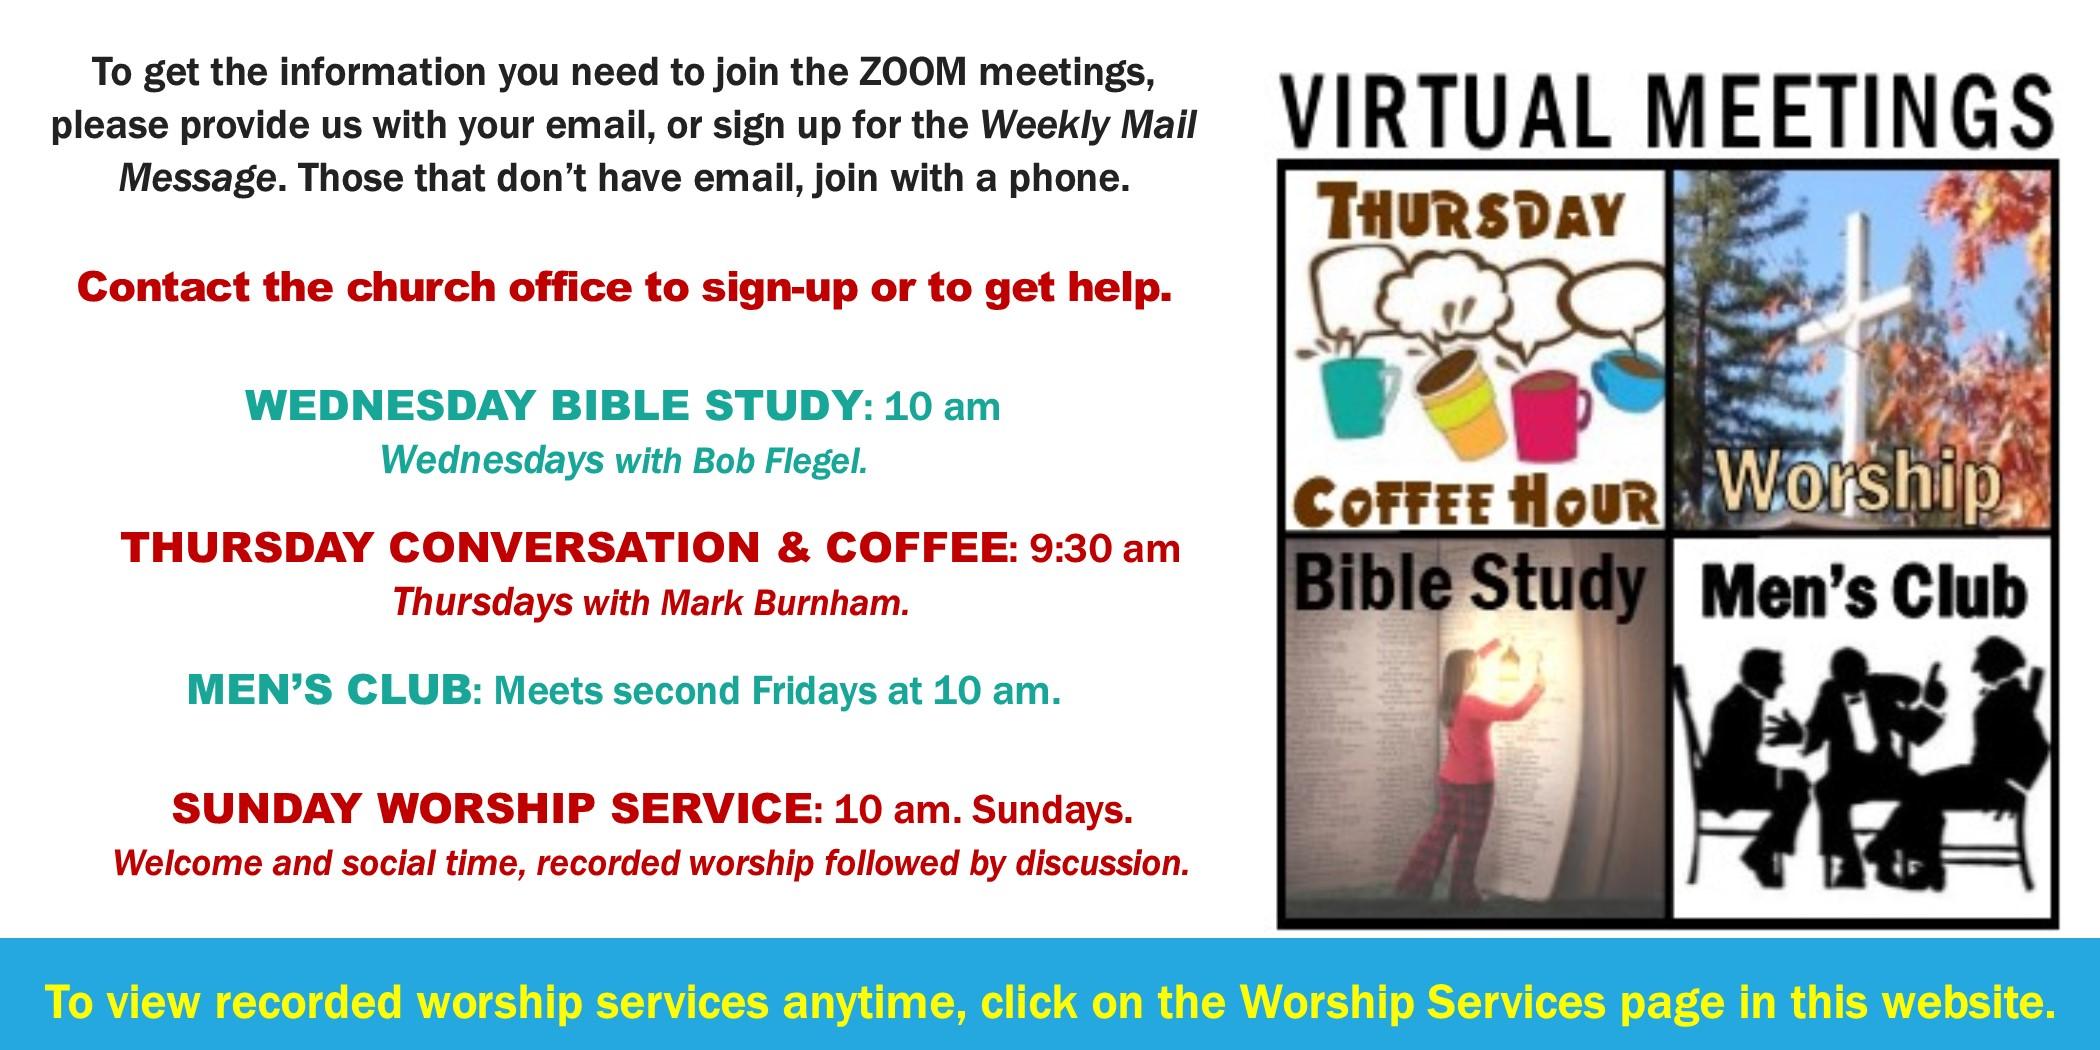 2020 9 Virtual Meetings